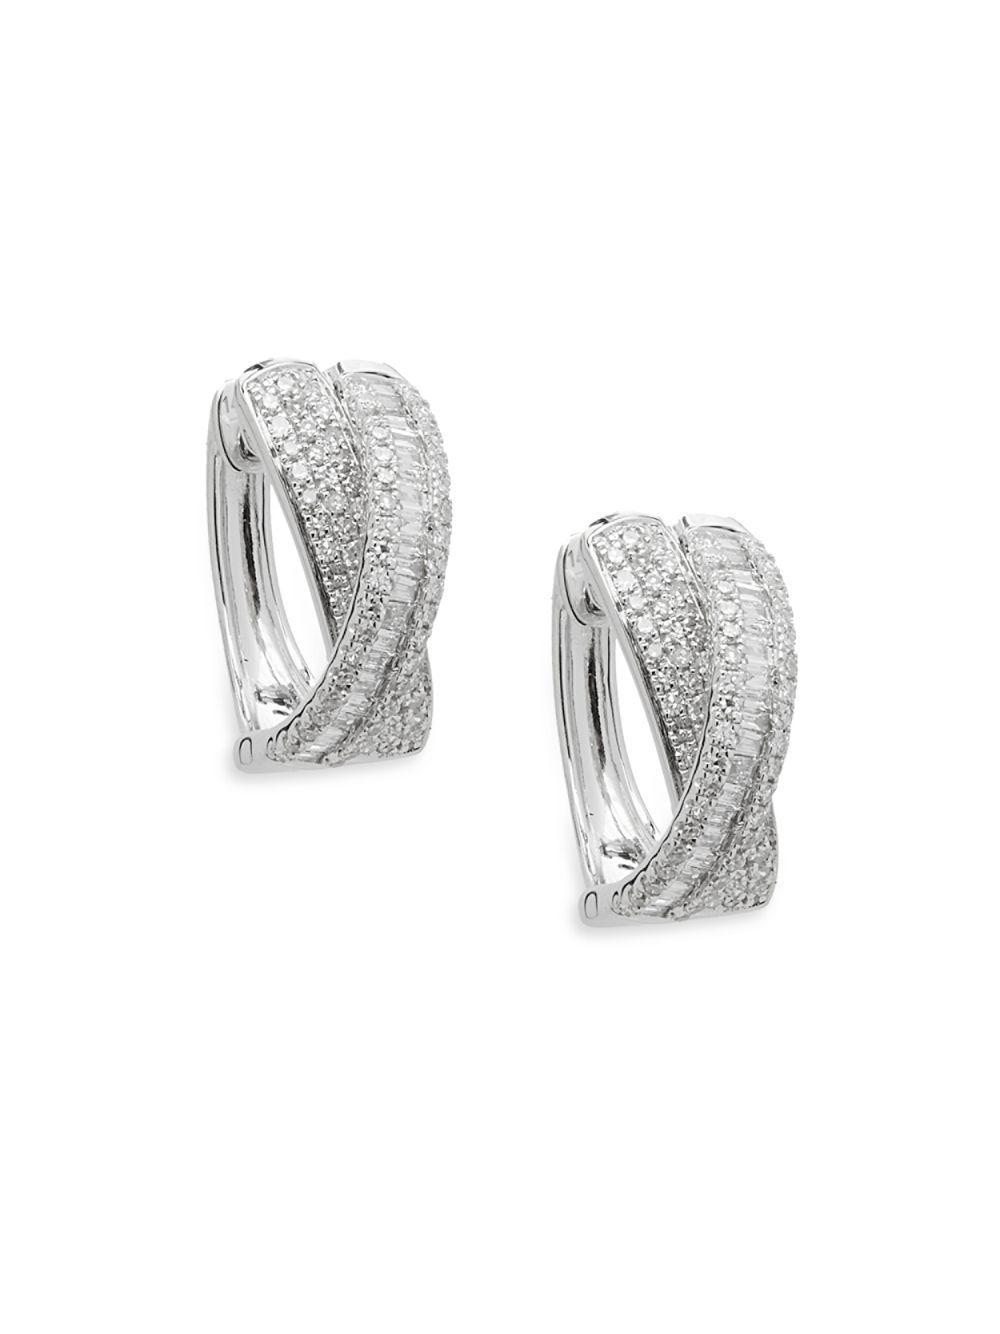 Effy Women S Metallic Diamond And 14k White Gold Hoop Earrings